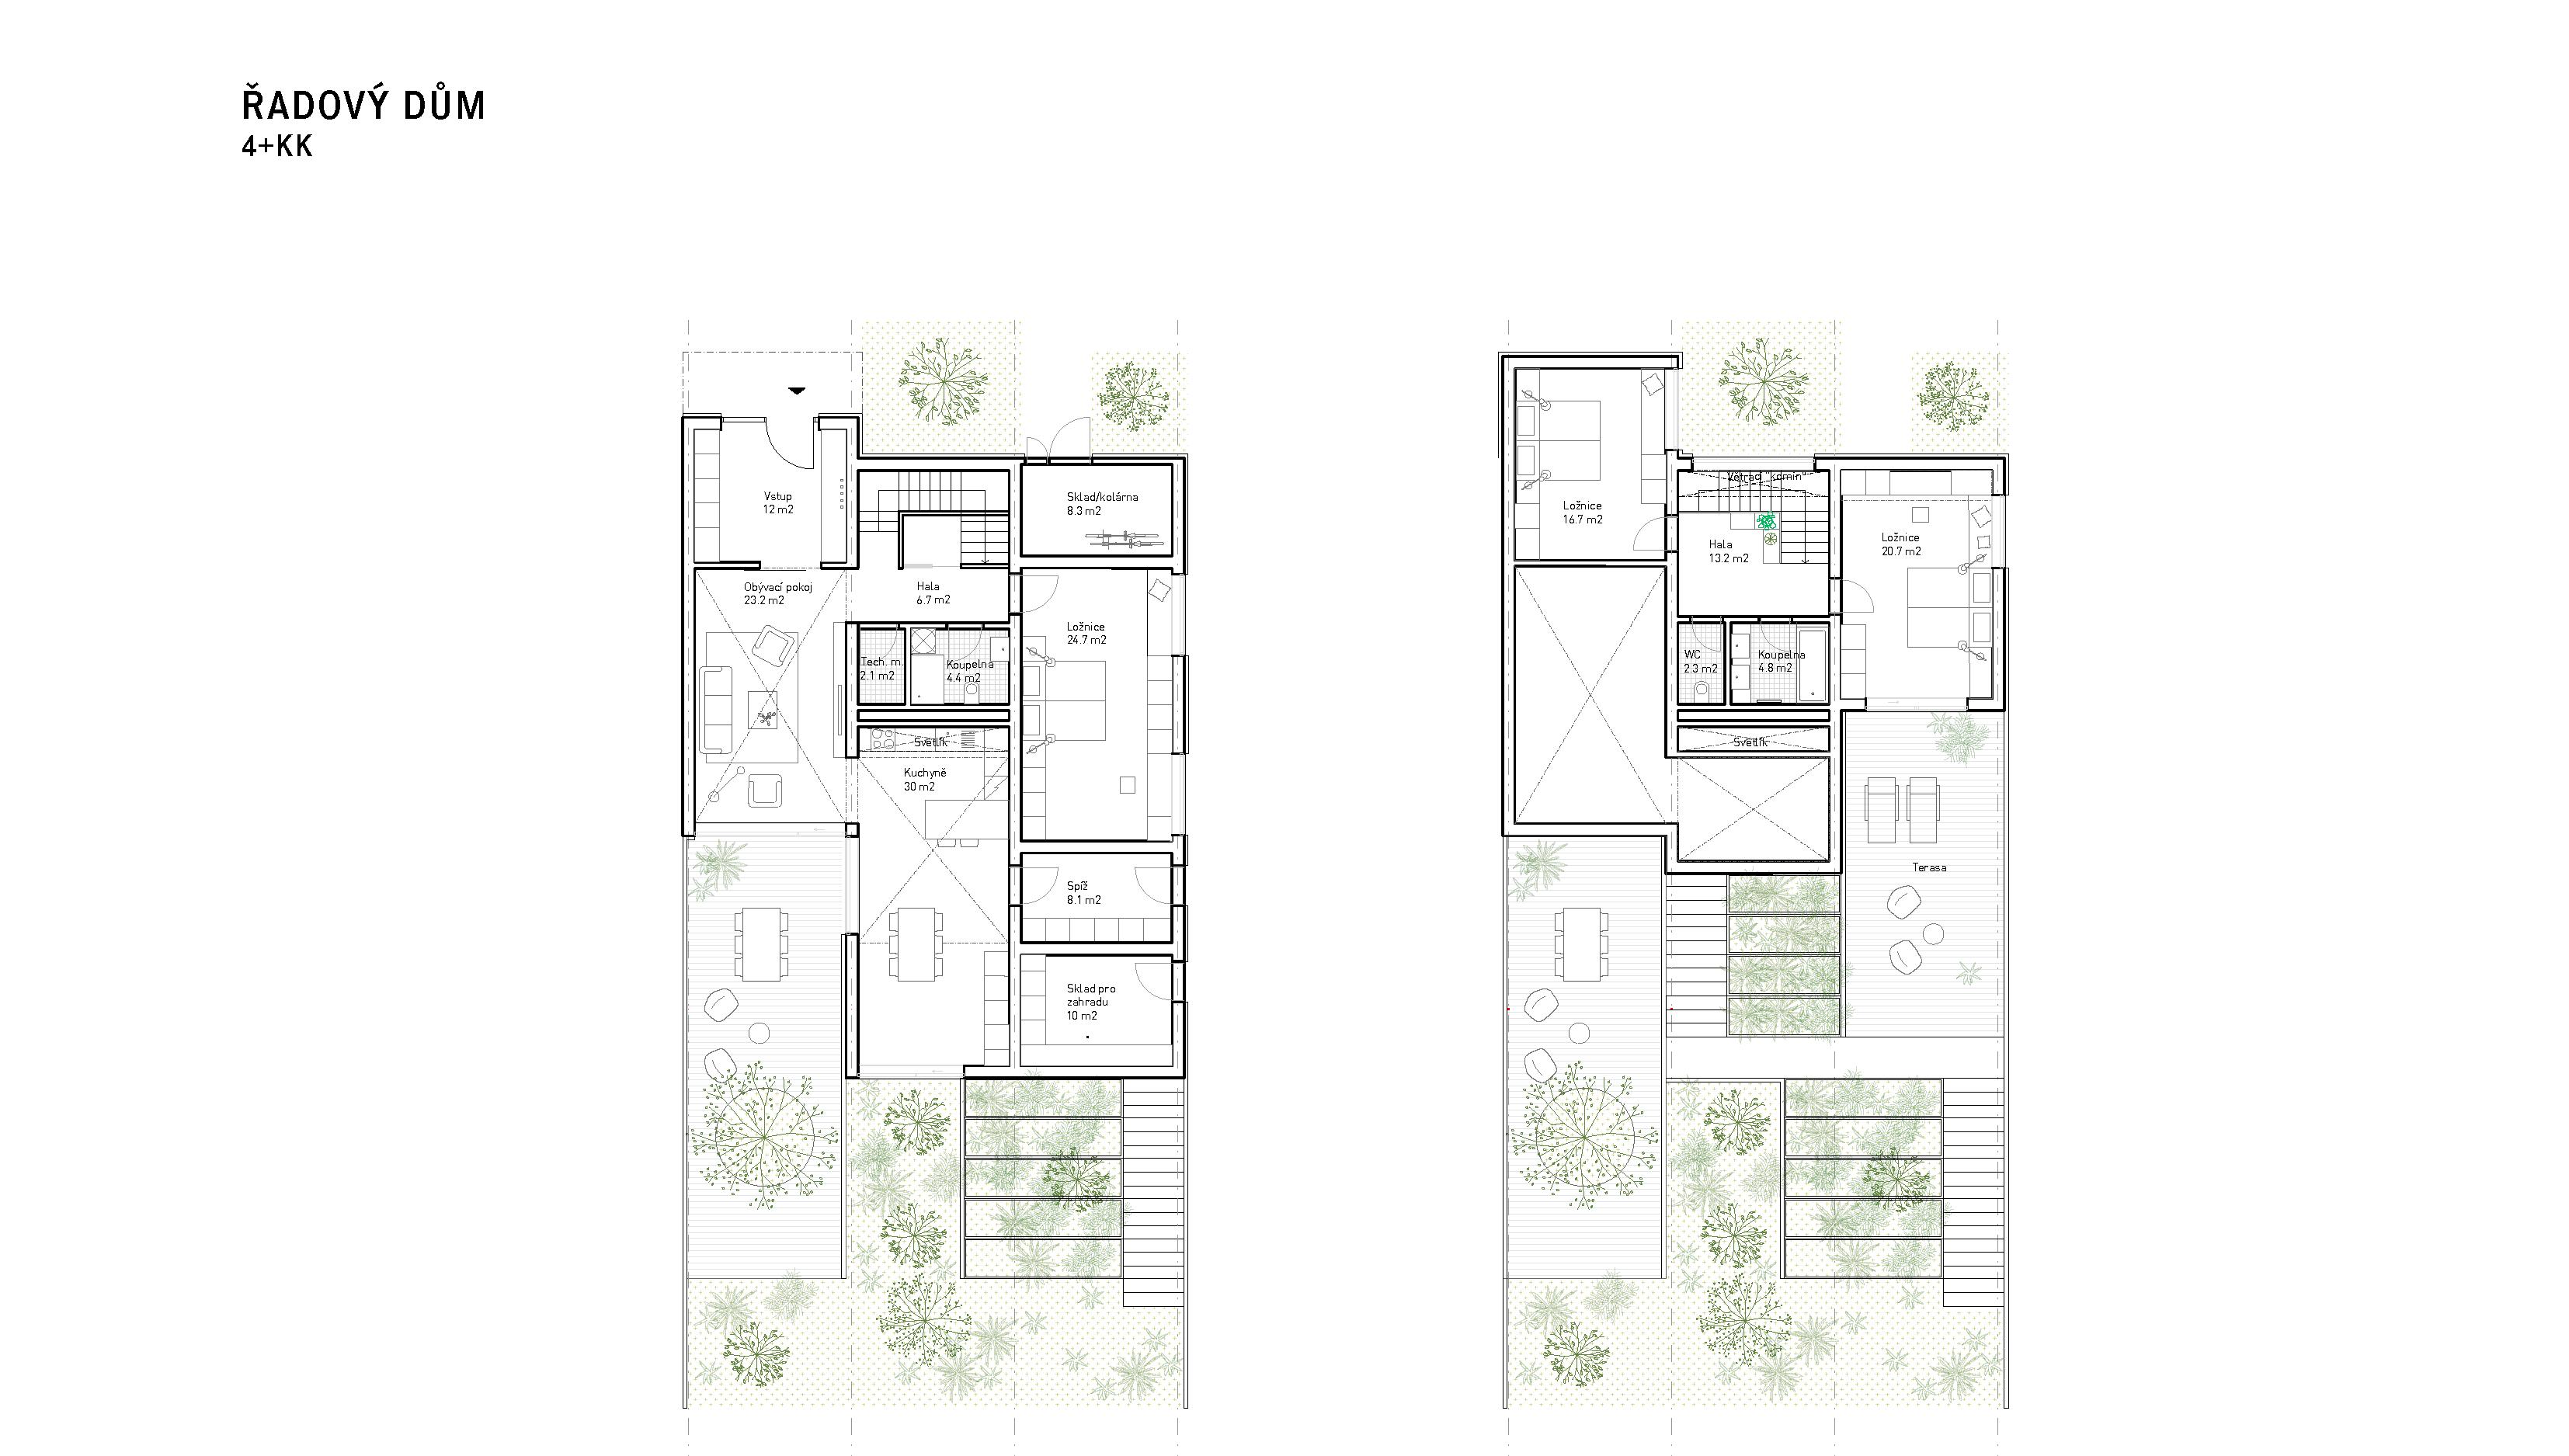 layout_case_0002_200605_Zdrave-domy_chkau_Page_62